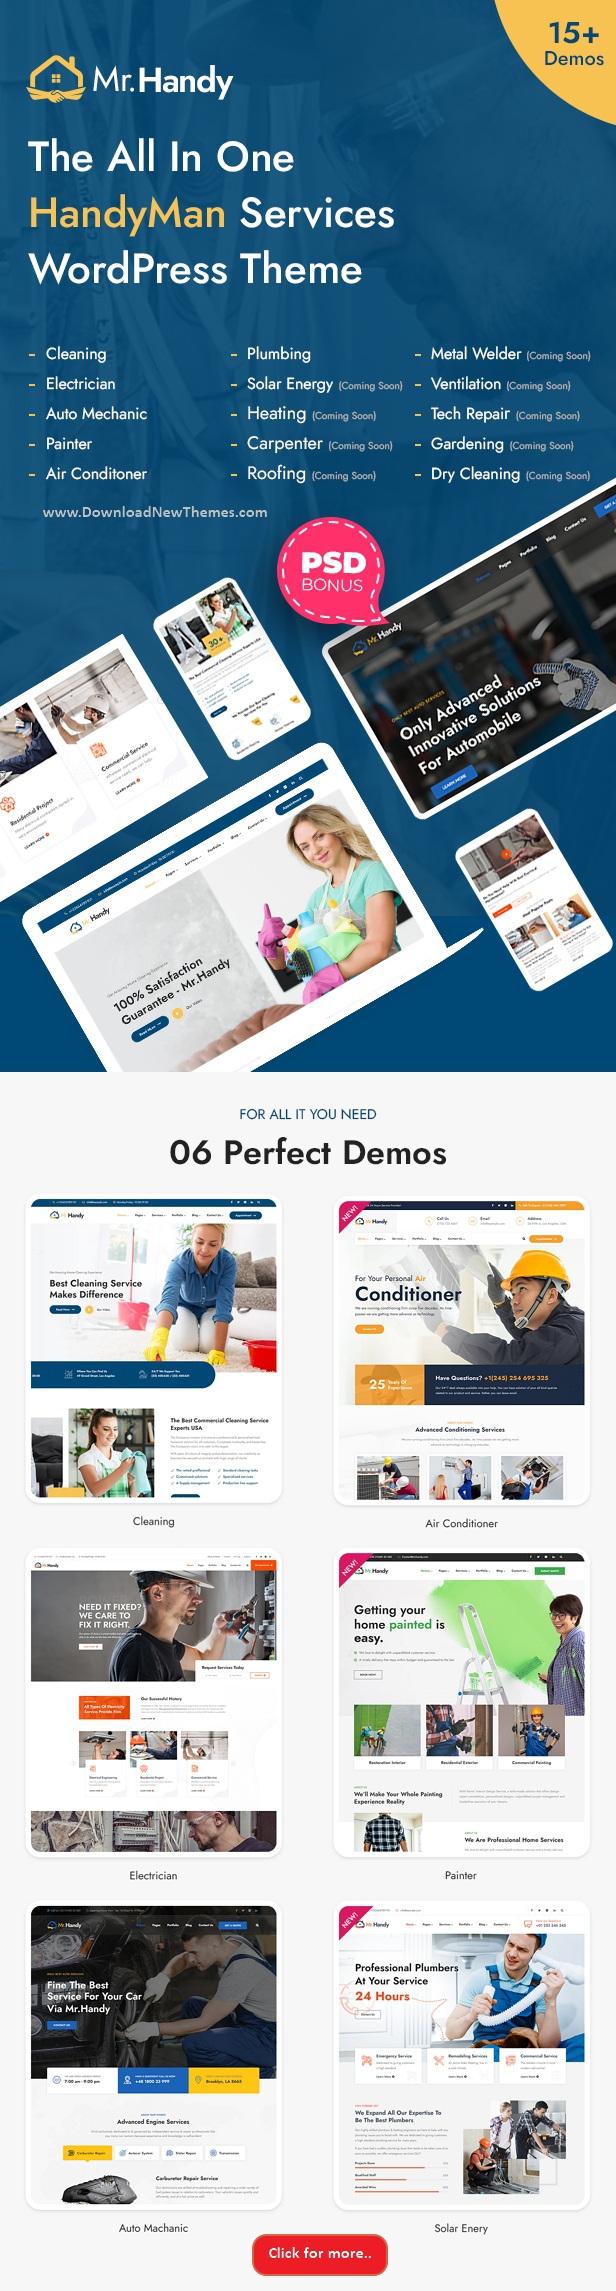 Handyman Services WordPress Theme